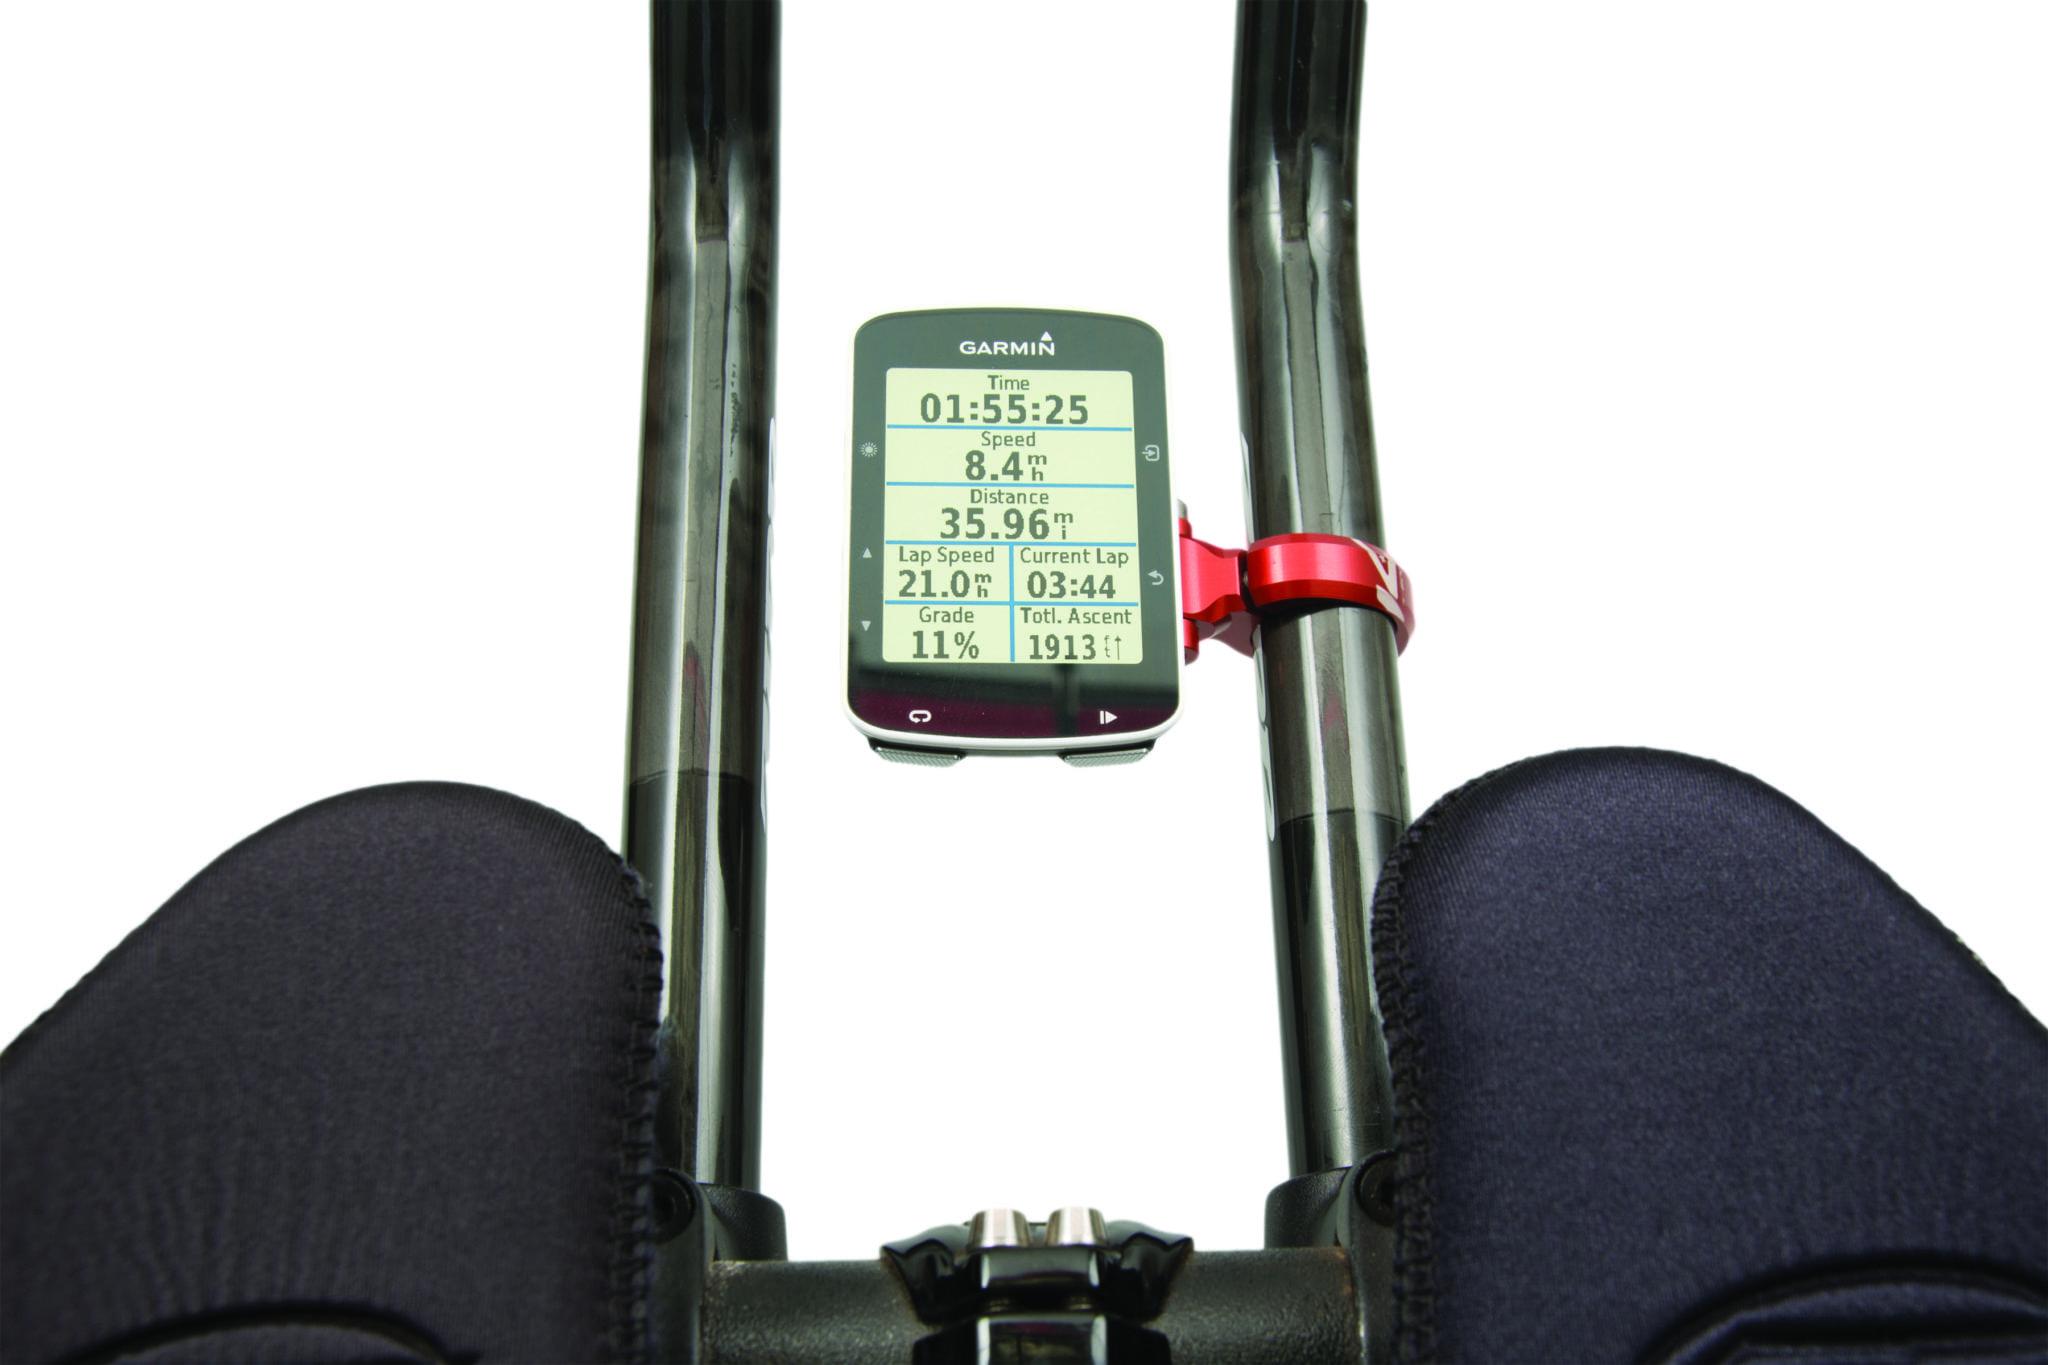 K-Edge Sport TT//Aero Bar Adjustable 22.2mm Bike Handlebar Mount for Garmin Edge